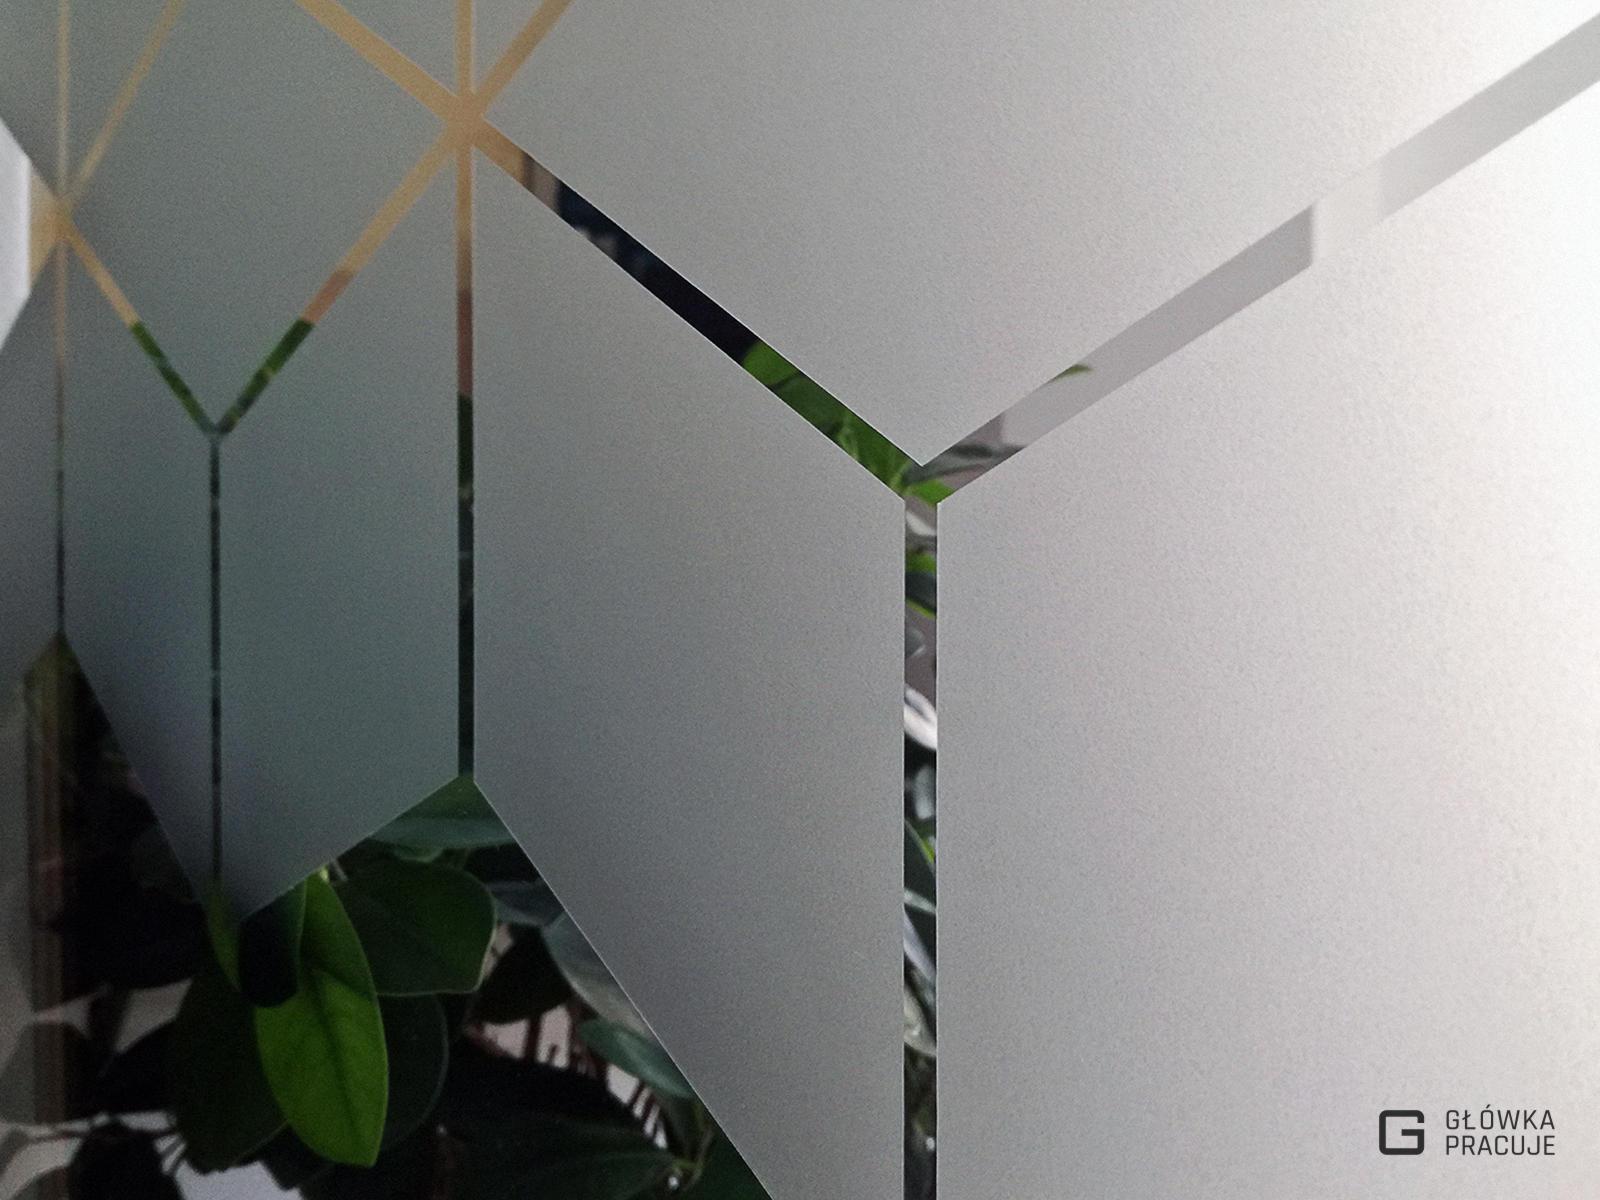 Główka Pracuje matowa mrożona folia okienna z wyciętym wzorem w romby